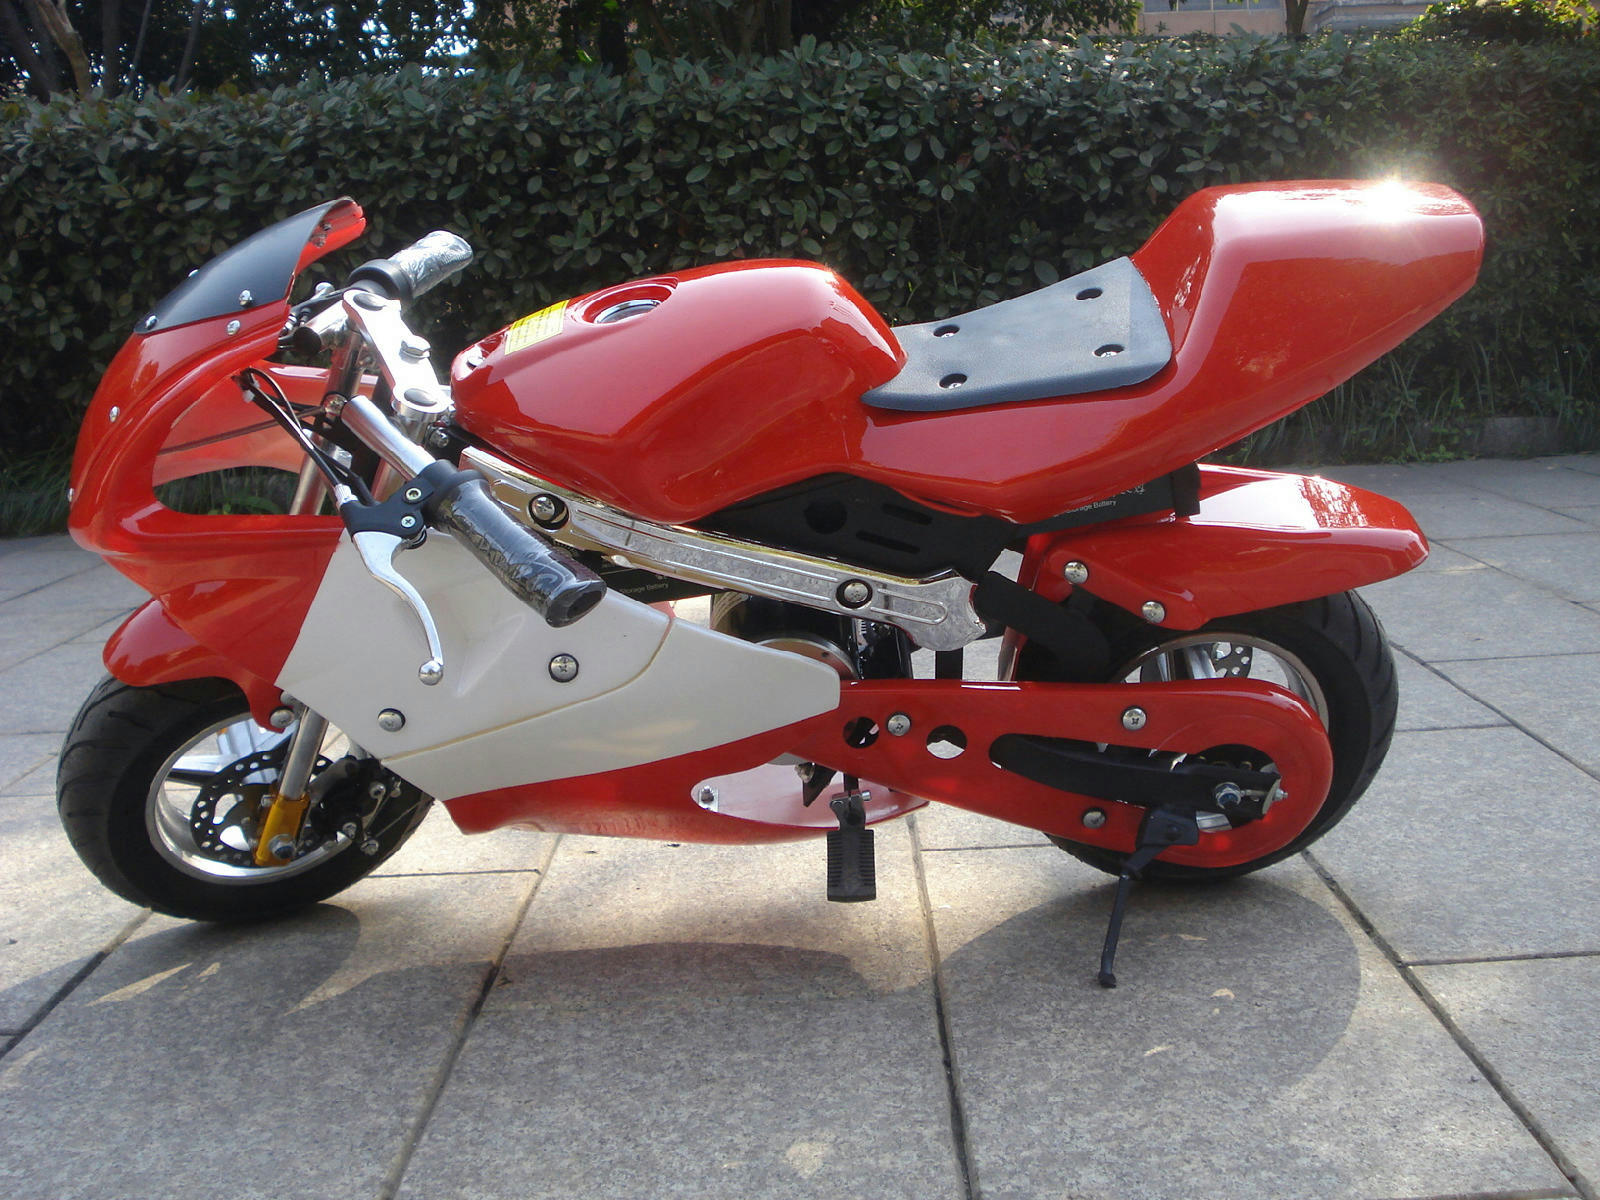 mini pocket rocket bike motorcycle electric 1000w. Black Bedroom Furniture Sets. Home Design Ideas